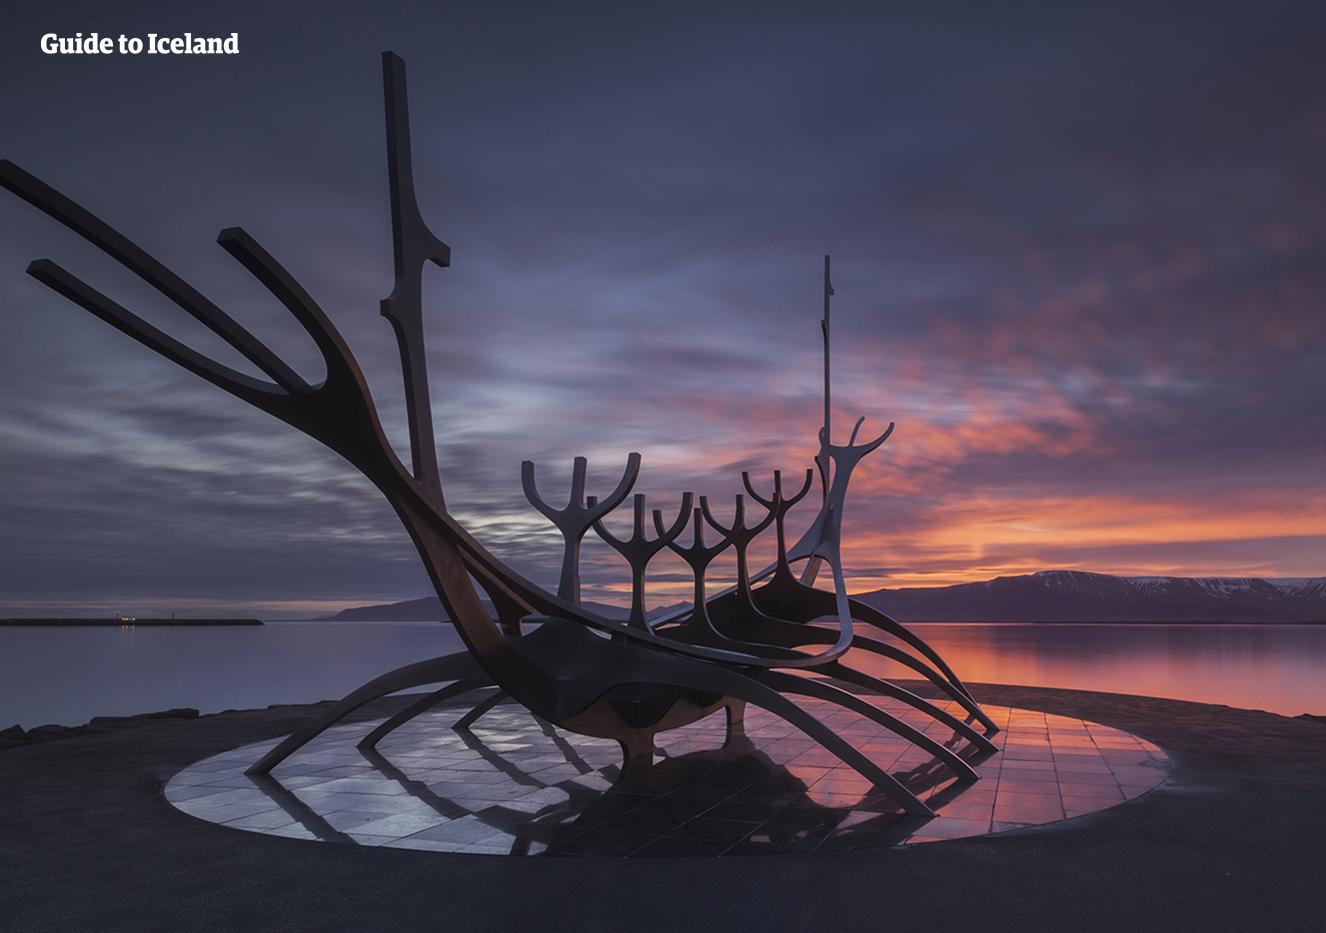 冰岛首都雷克雅未克的地标景点太阳航海者